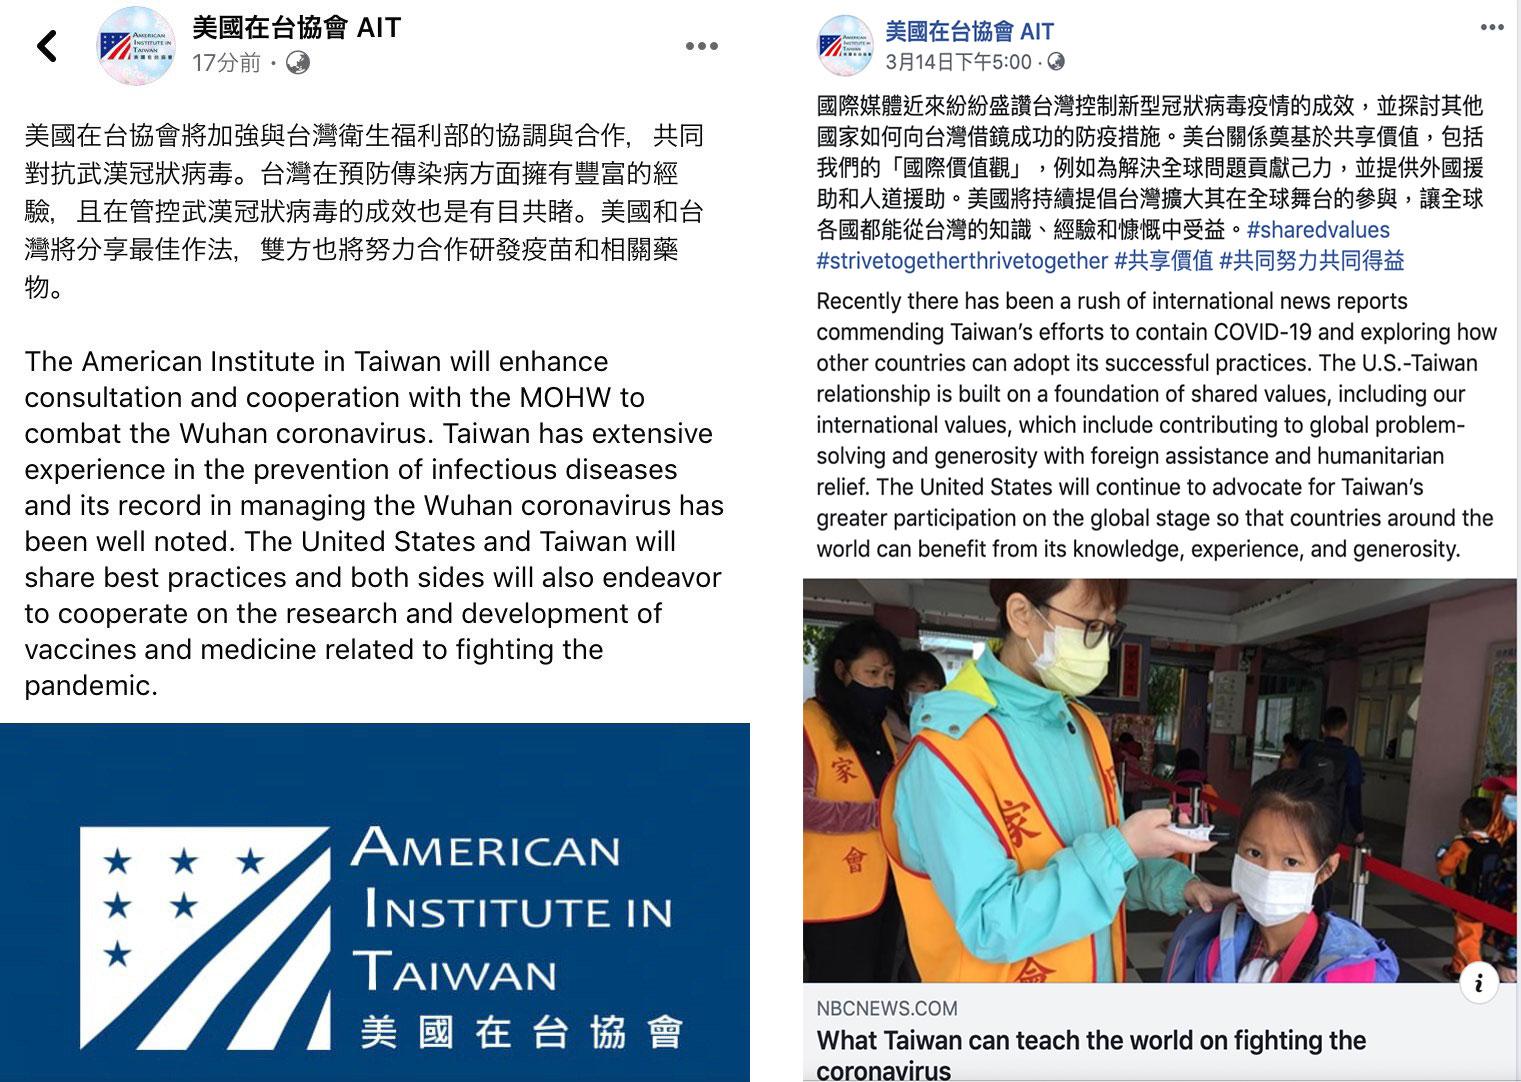 左图:美国在台协会(AIT)15日在脸书指出,AIT将加强与台湾共同对抗武汉冠状病毒,双方也将努力合作研发疫苗和相关药物。(AIT脸书);右图:美国在台协会(AIT)在脸书称许台湾防疫成果。(AIT脸书)